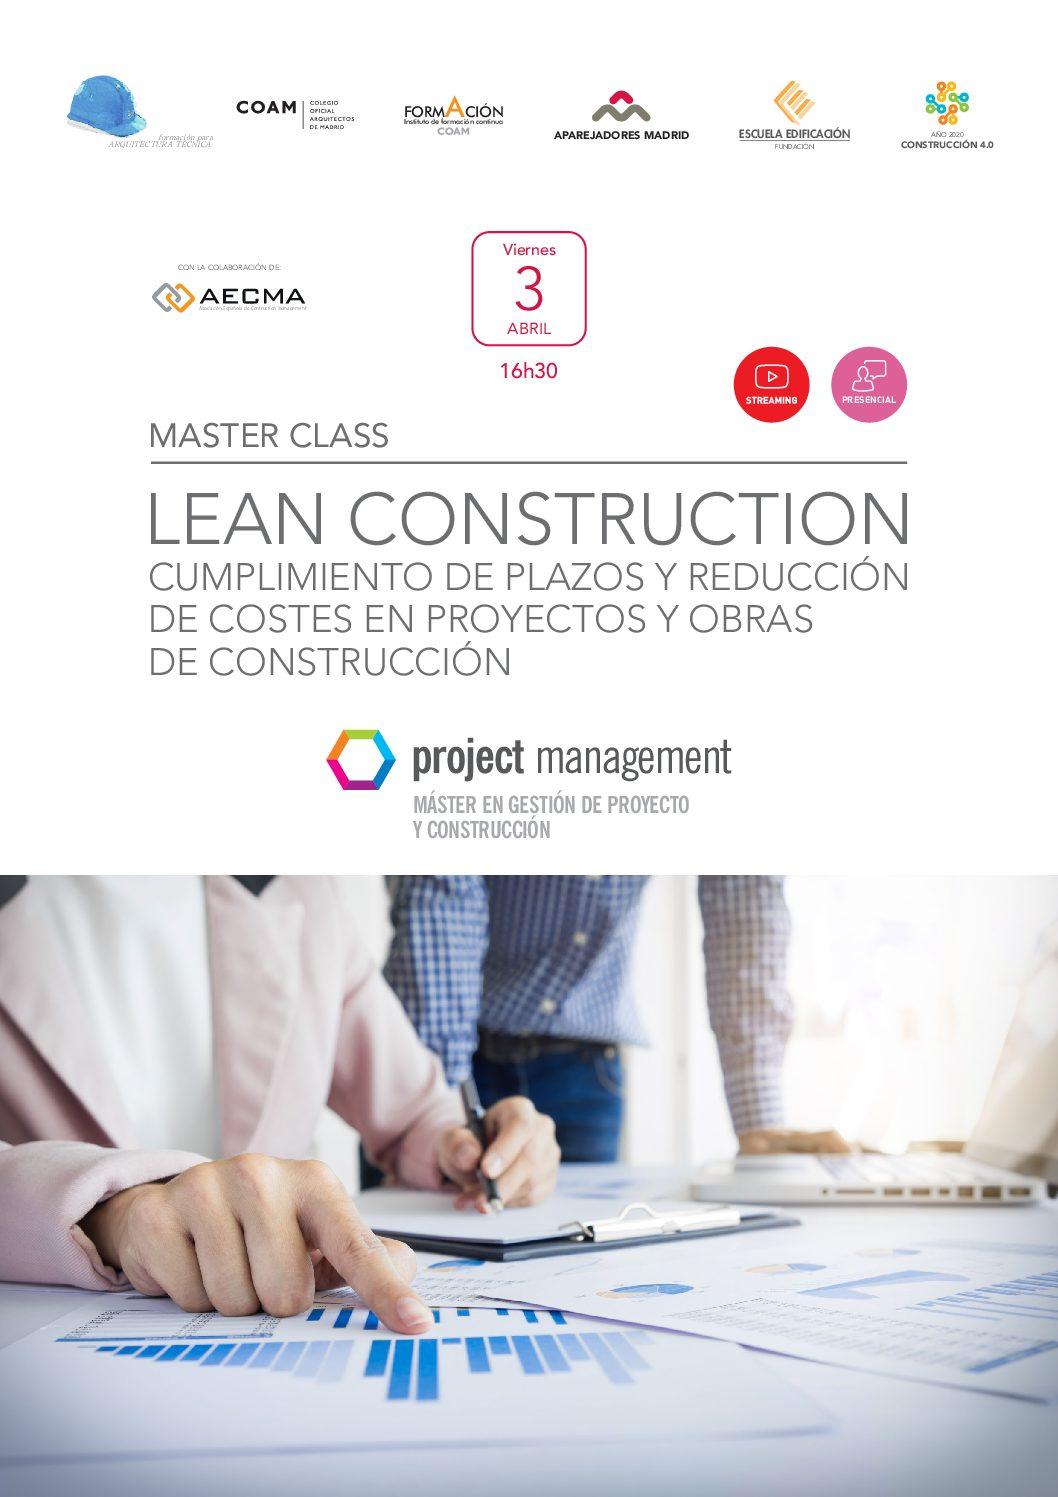 MÁSTER CLASS LEAN CONSTRUCTION CUMPLIMIENTO DE PLAZOS Y REDUCCIÓN DE COSTES EN PROYECTOS Y OBRAS DE CONSTRUCCIÓN.